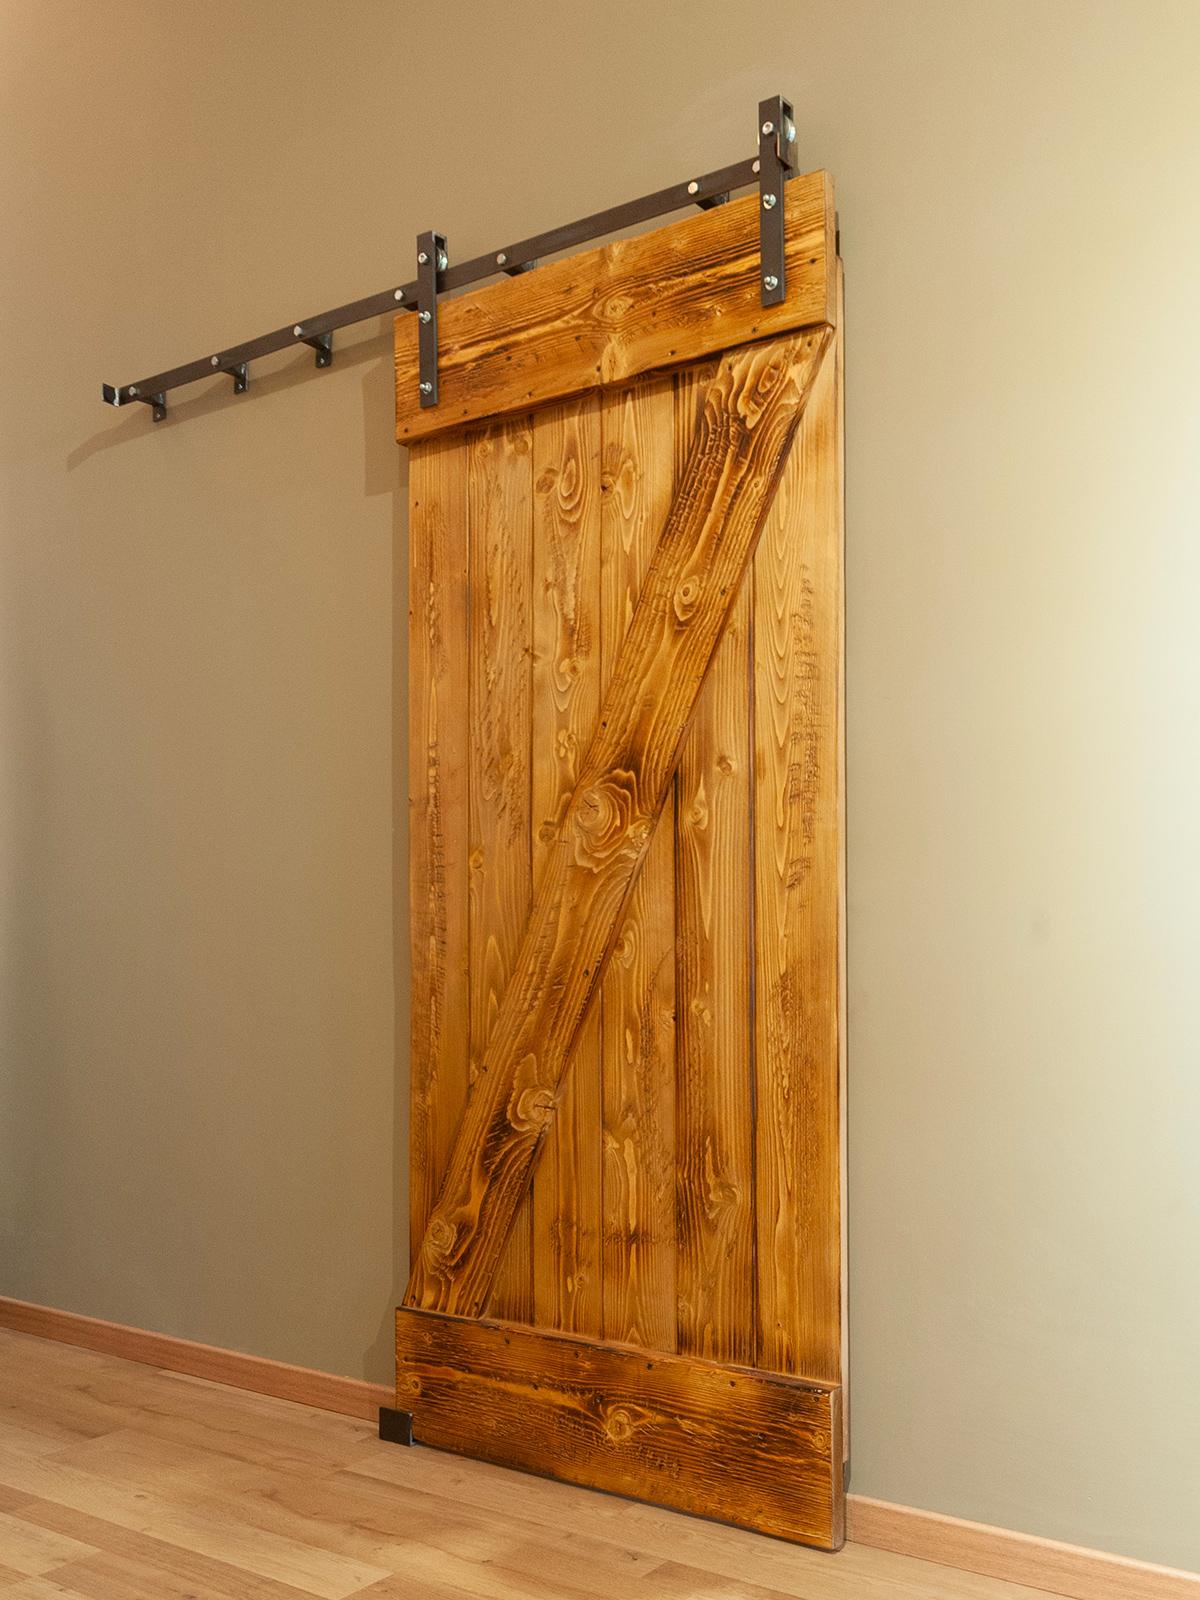 Vendita Mobili Stile Vecchia America porta scorrevole barn door in legno rustico cloud